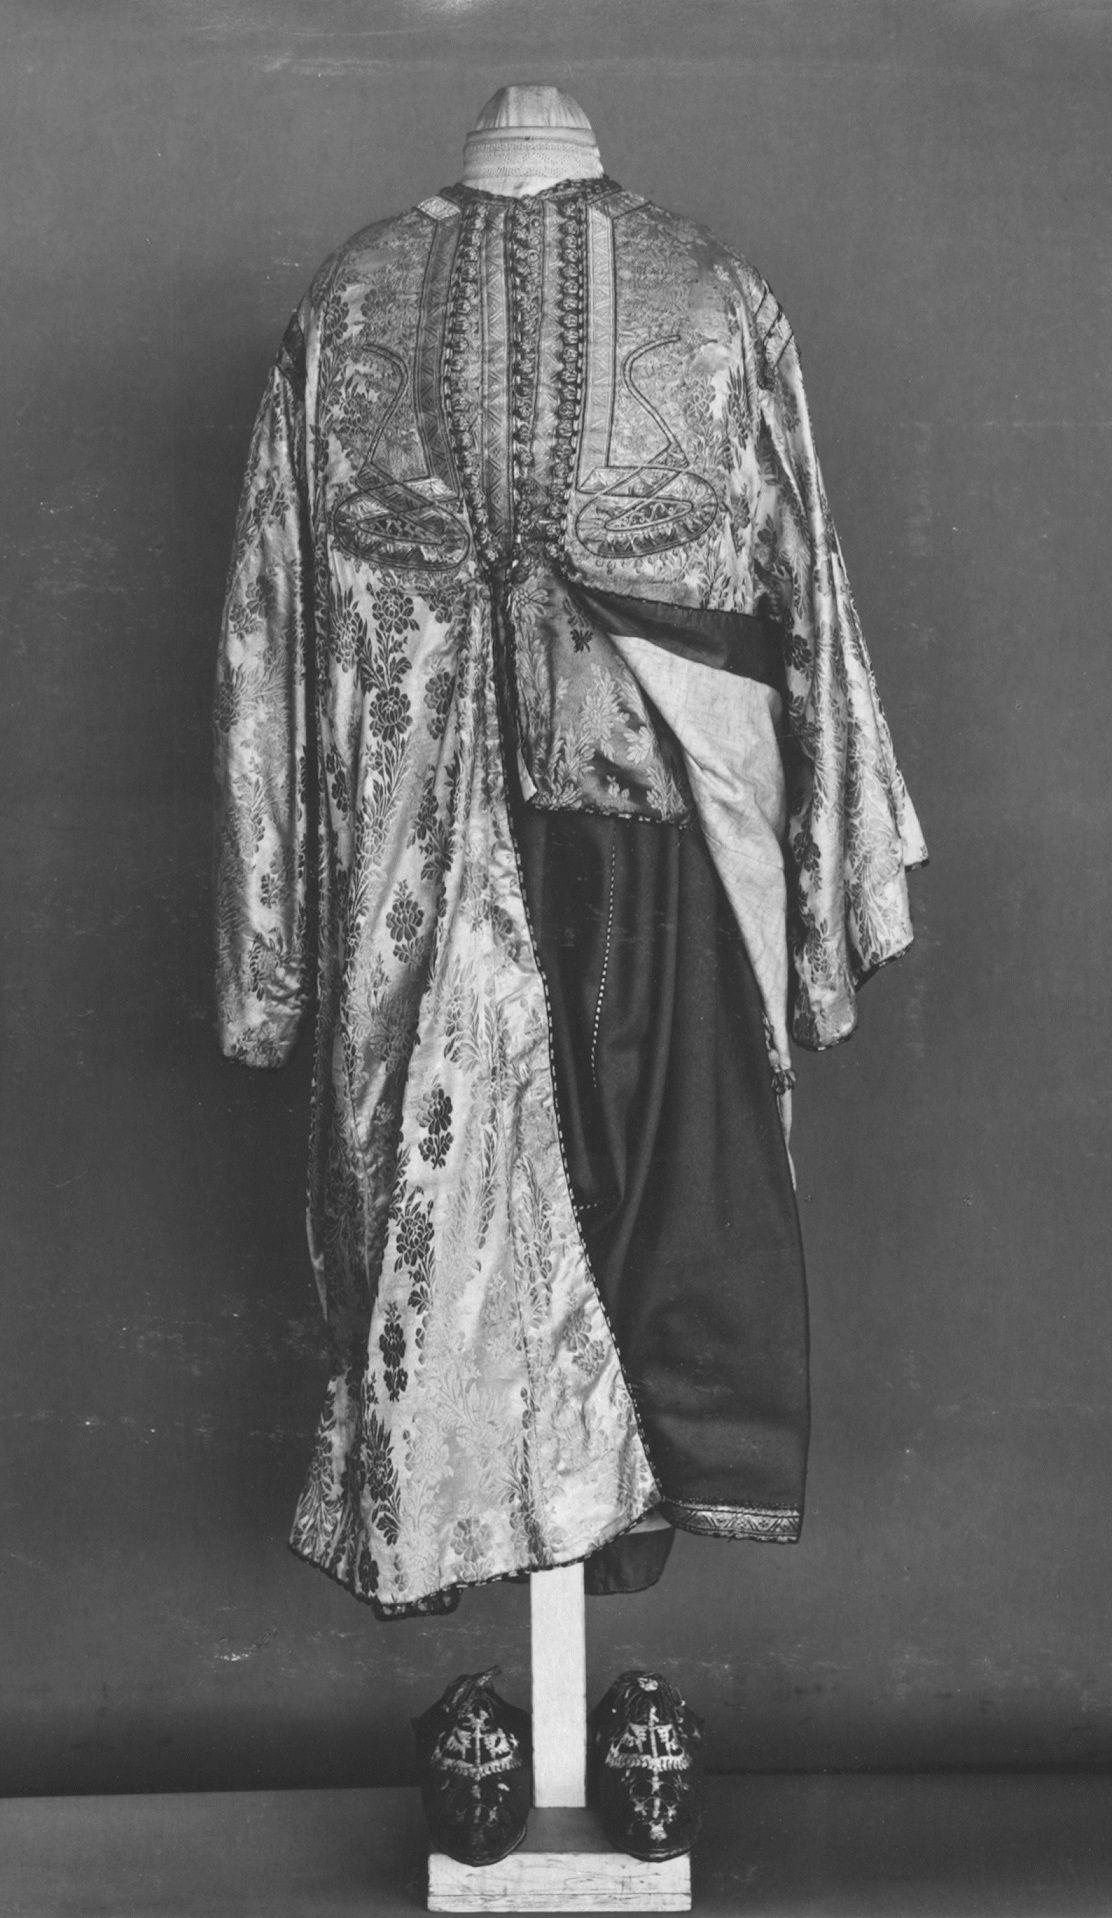 Moroccan Woman S Costume 1800s T 95 1928 Victoria And Albert Museum London Moroccan Fashion Fashion Fashion Design